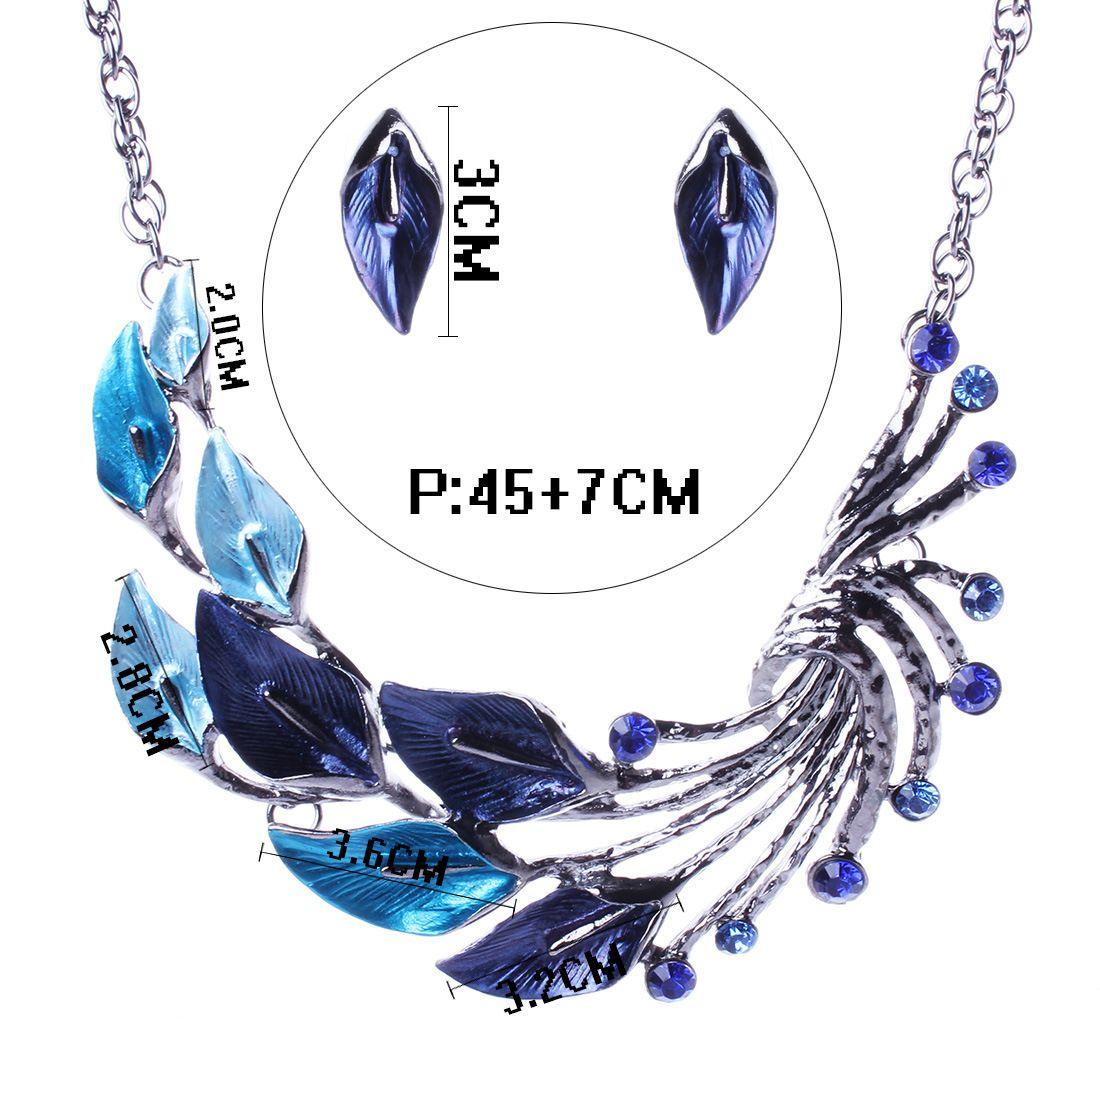 Las nuevas mujeres de cristal austriaco joyería fija el esmalte es de la flor joyería fija Cadena conjuntos de collar aretes